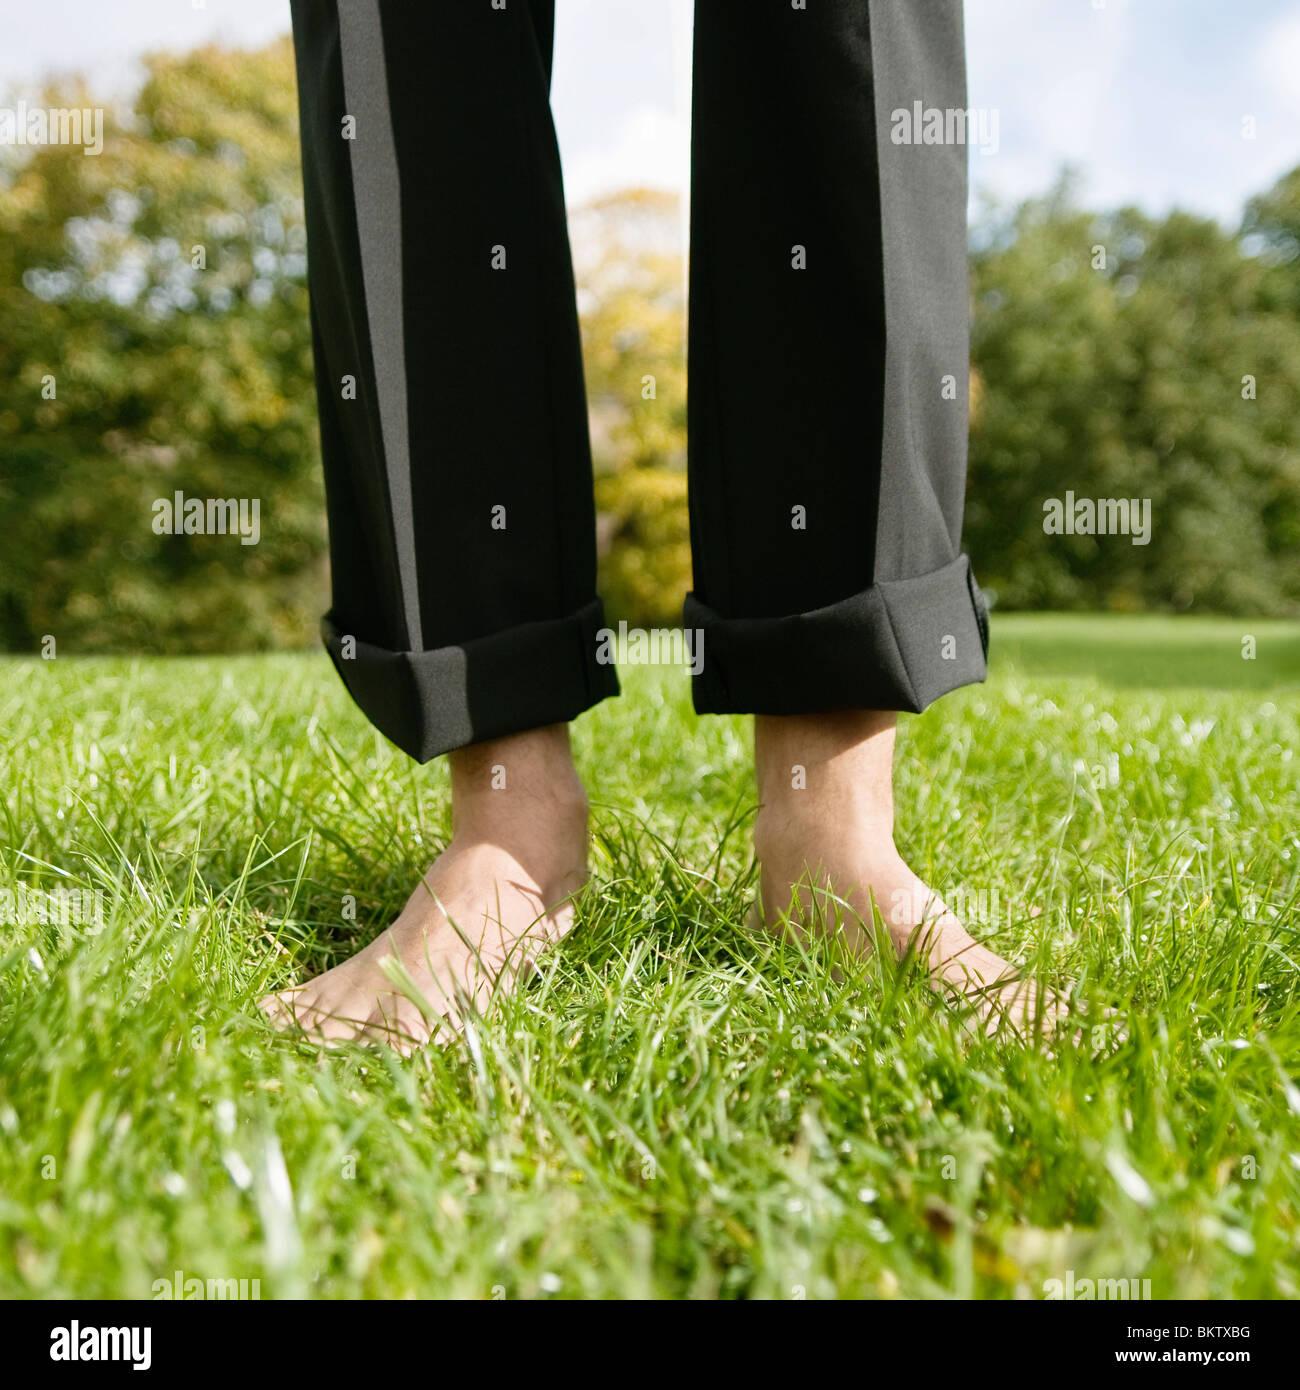 Pieds nus sur la pelouse Photo Stock